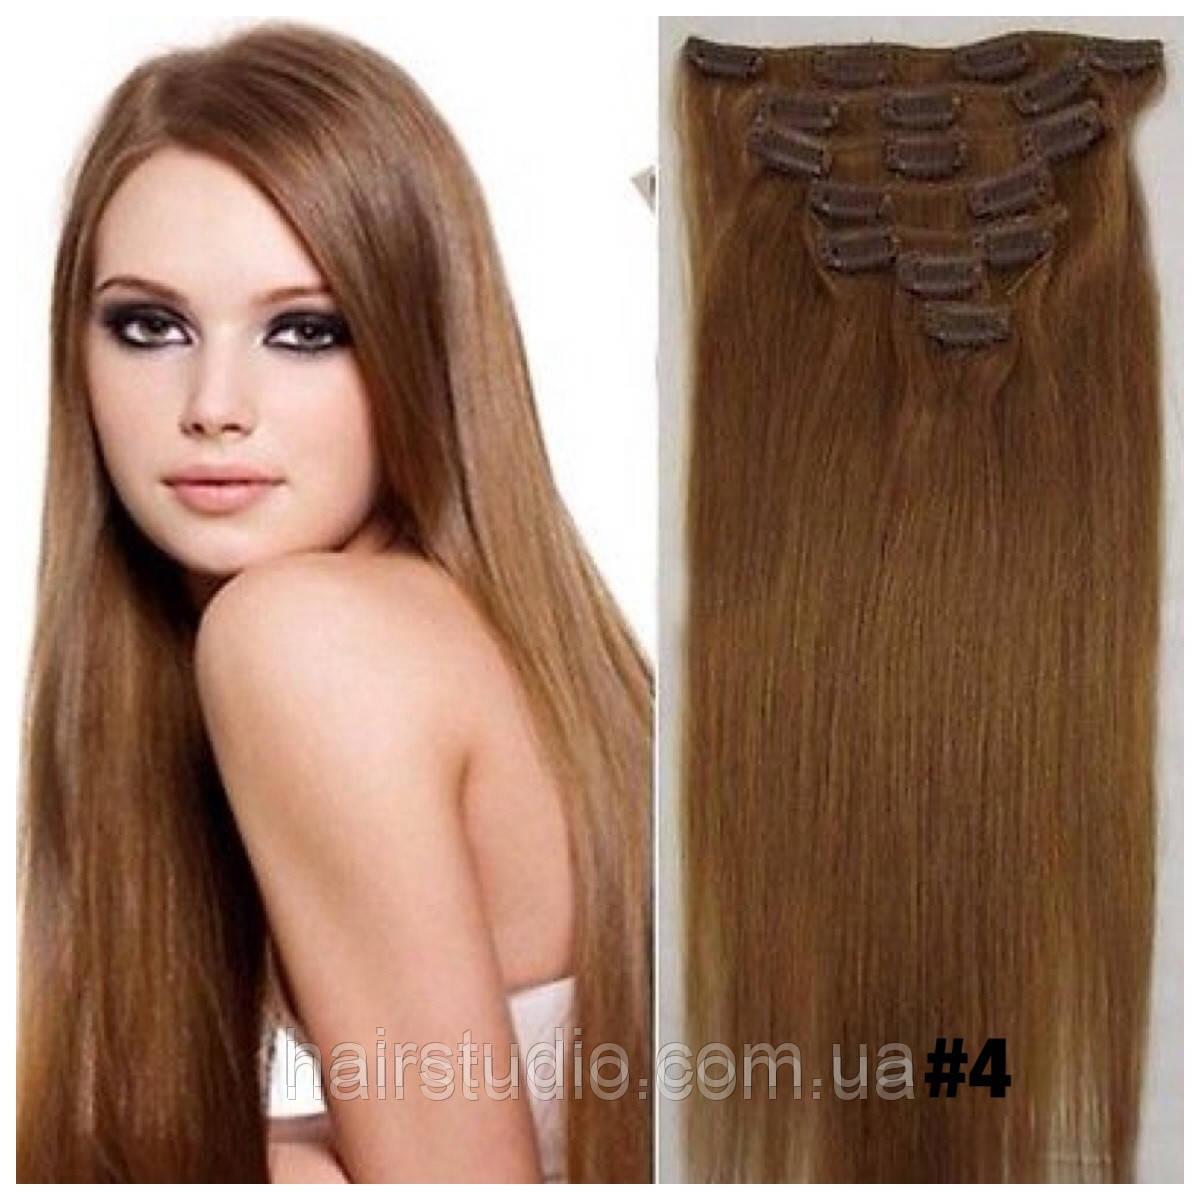 Натуральные волосы Remy на клипсах 60 см оттенок #4 120 грамм